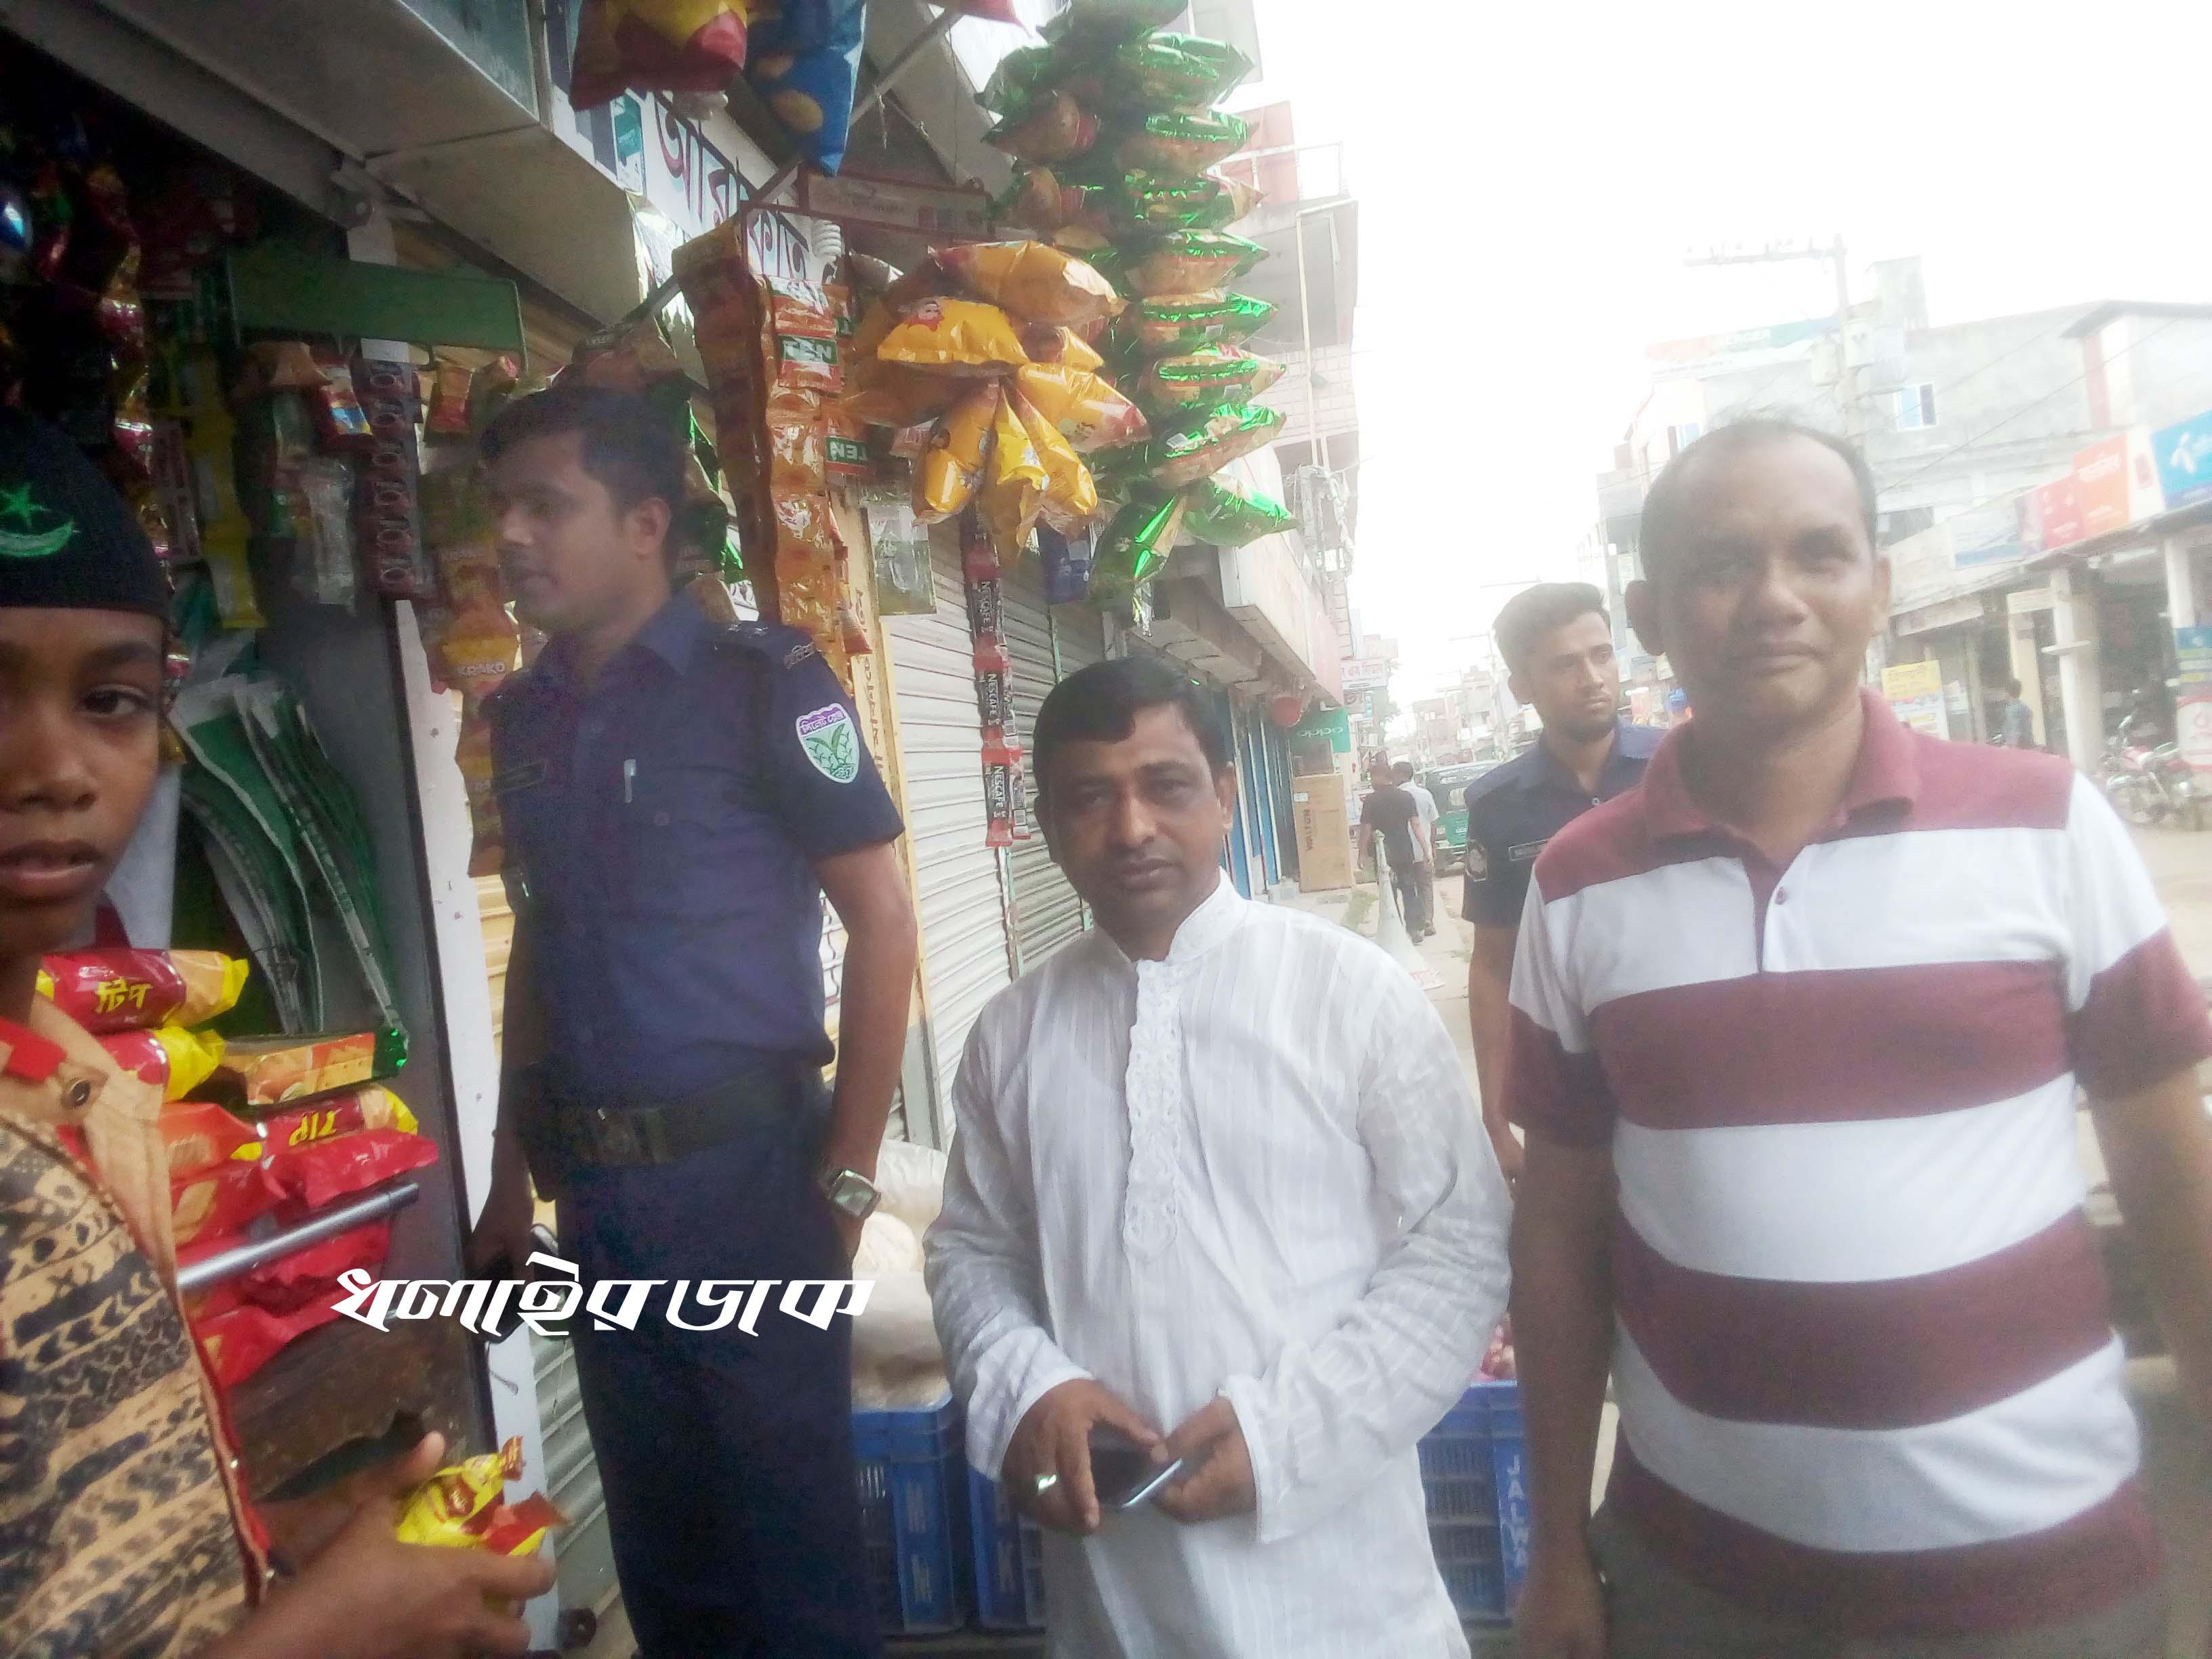 কমলগঞ্জে বাজার মনিটরিং করতে পুলিশ-ব্যবসায়ী নেতৃবৃন্দ